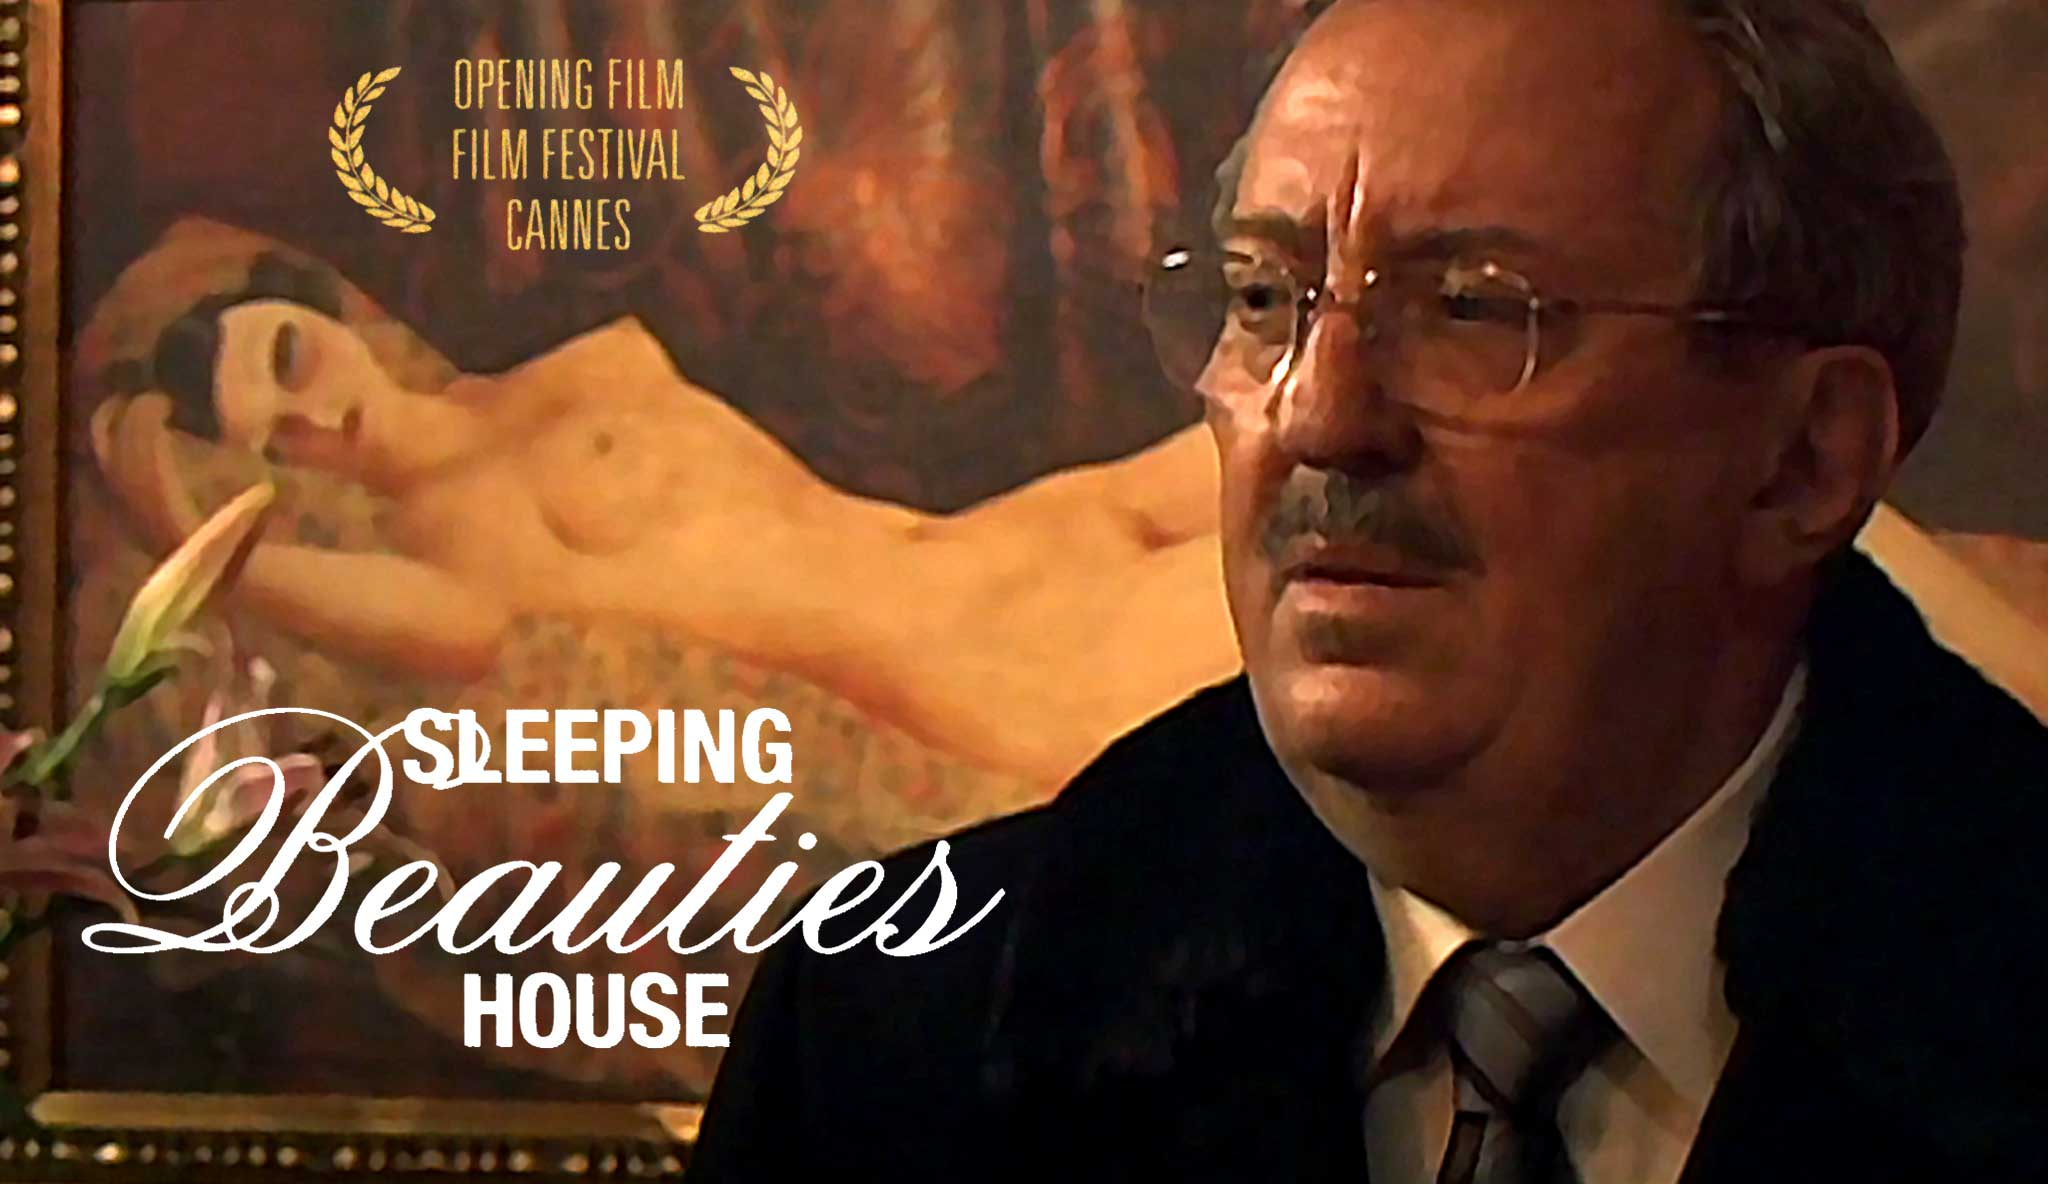 sleeping-beauties-house\header.jpg